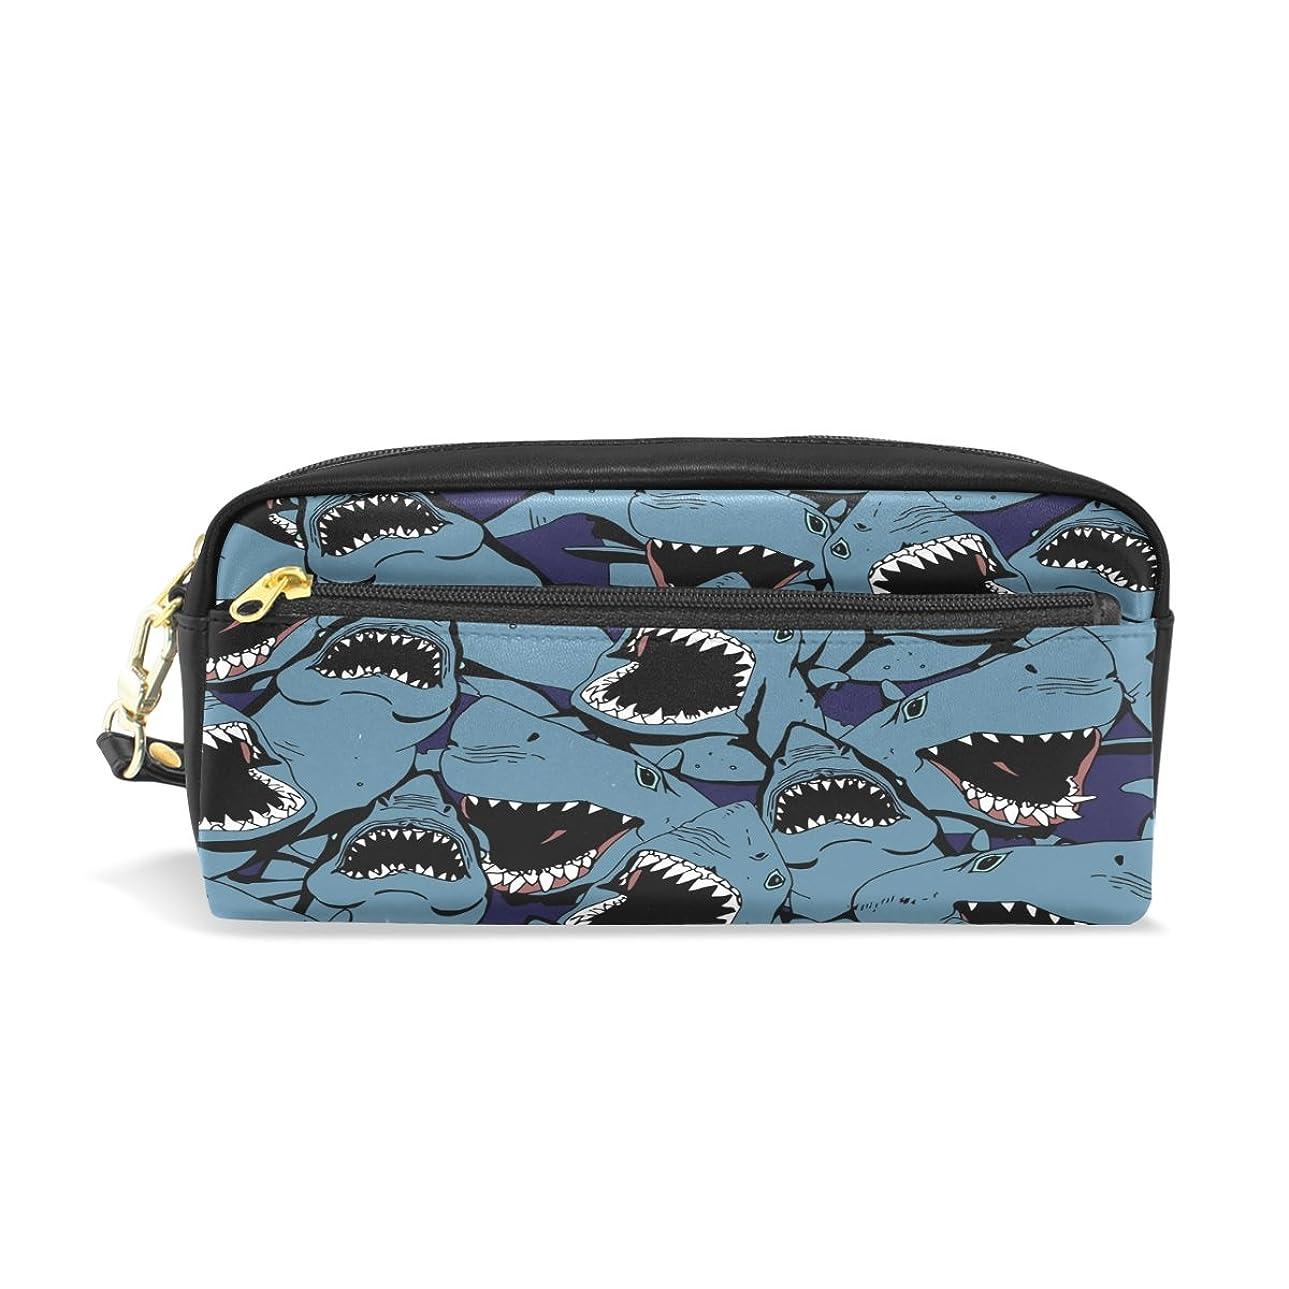 居住者引数刑務所ALAZA サメ 鉛筆 ケース ジッパー Pu 革製 ペン バッグ 化粧品 化粧 バッグ ペン 文房具 ポーチ バッグ 大容量